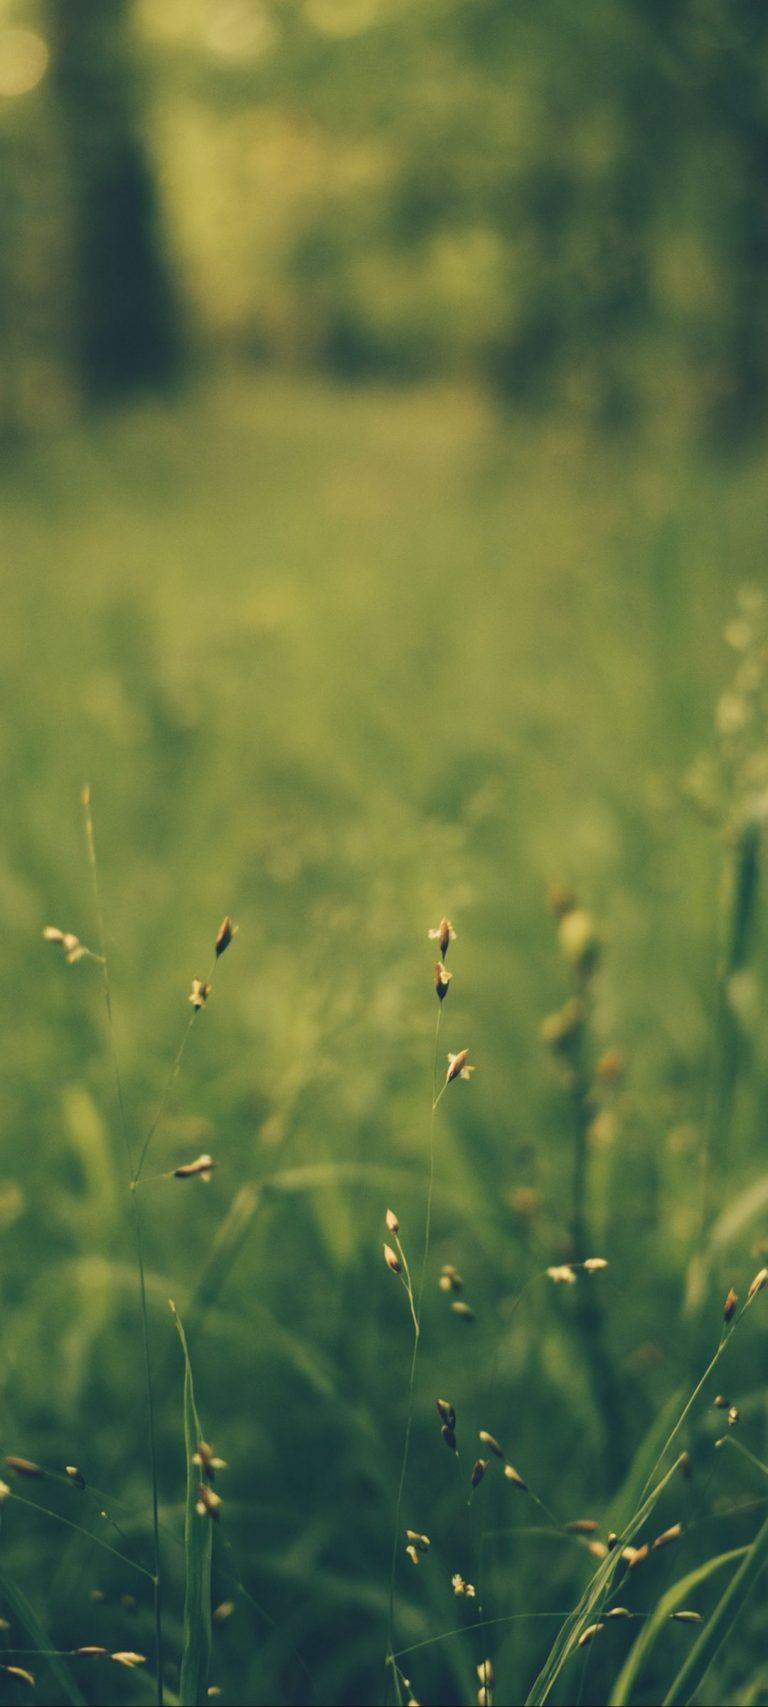 Grass Blur Field 1080x2400 768x1707